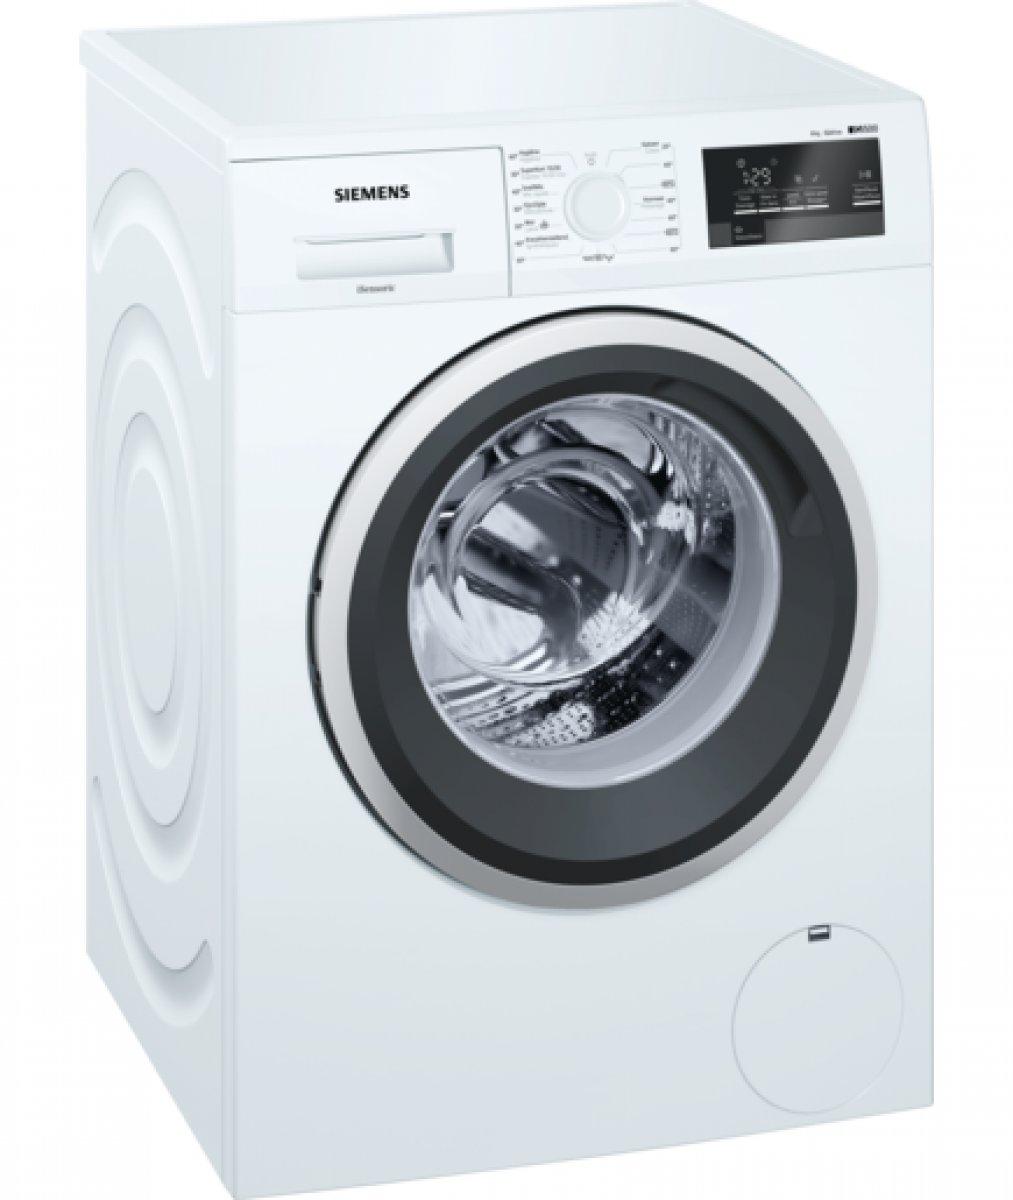 Siemens WM14T362FG iQ500 - Wasmachine - BE kopen